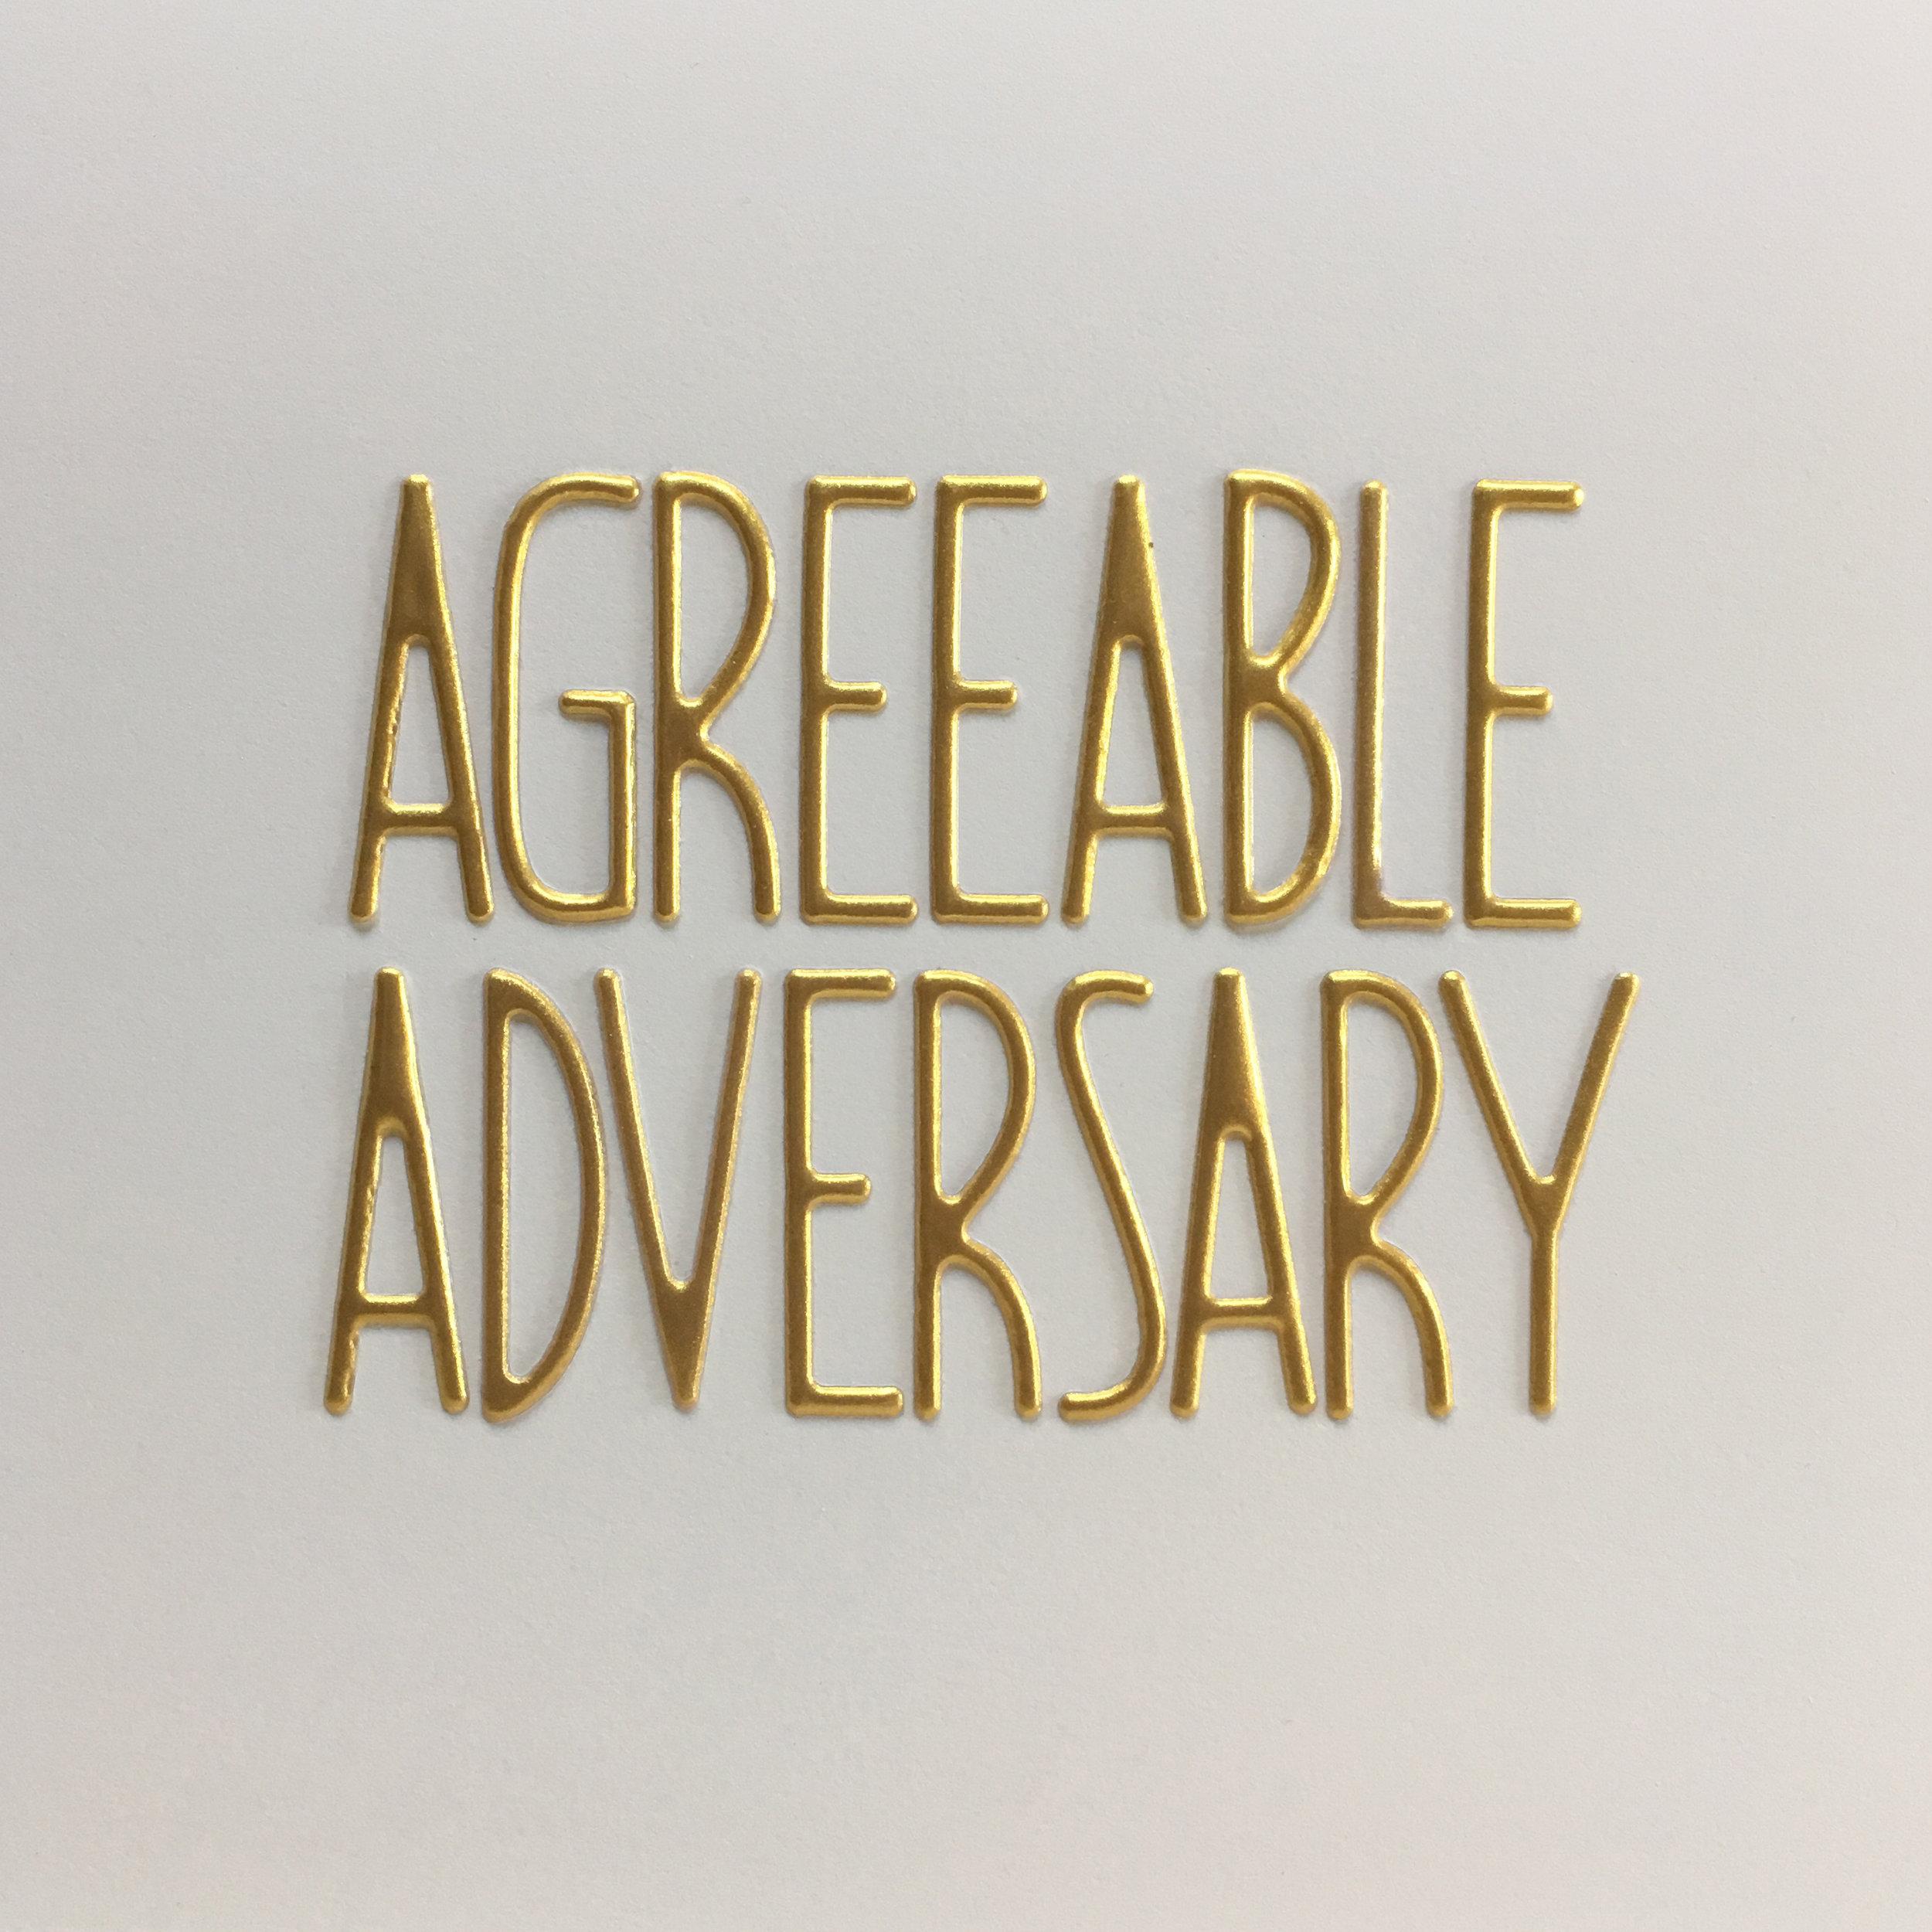 agreeable adversary.jpg